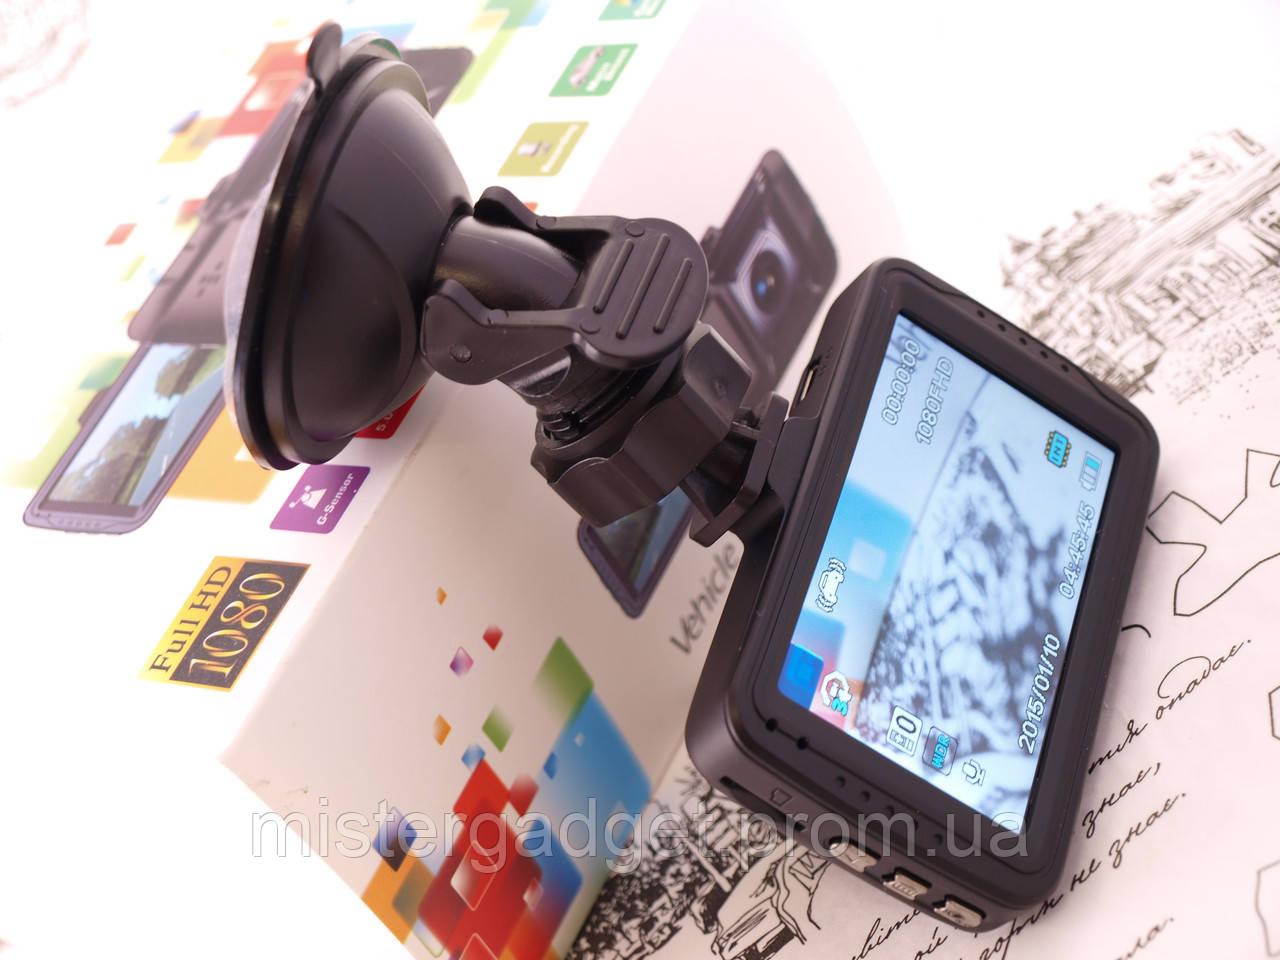 Видеорегистратор DVR 101 BlackBox. Датчик движения, датчик удара